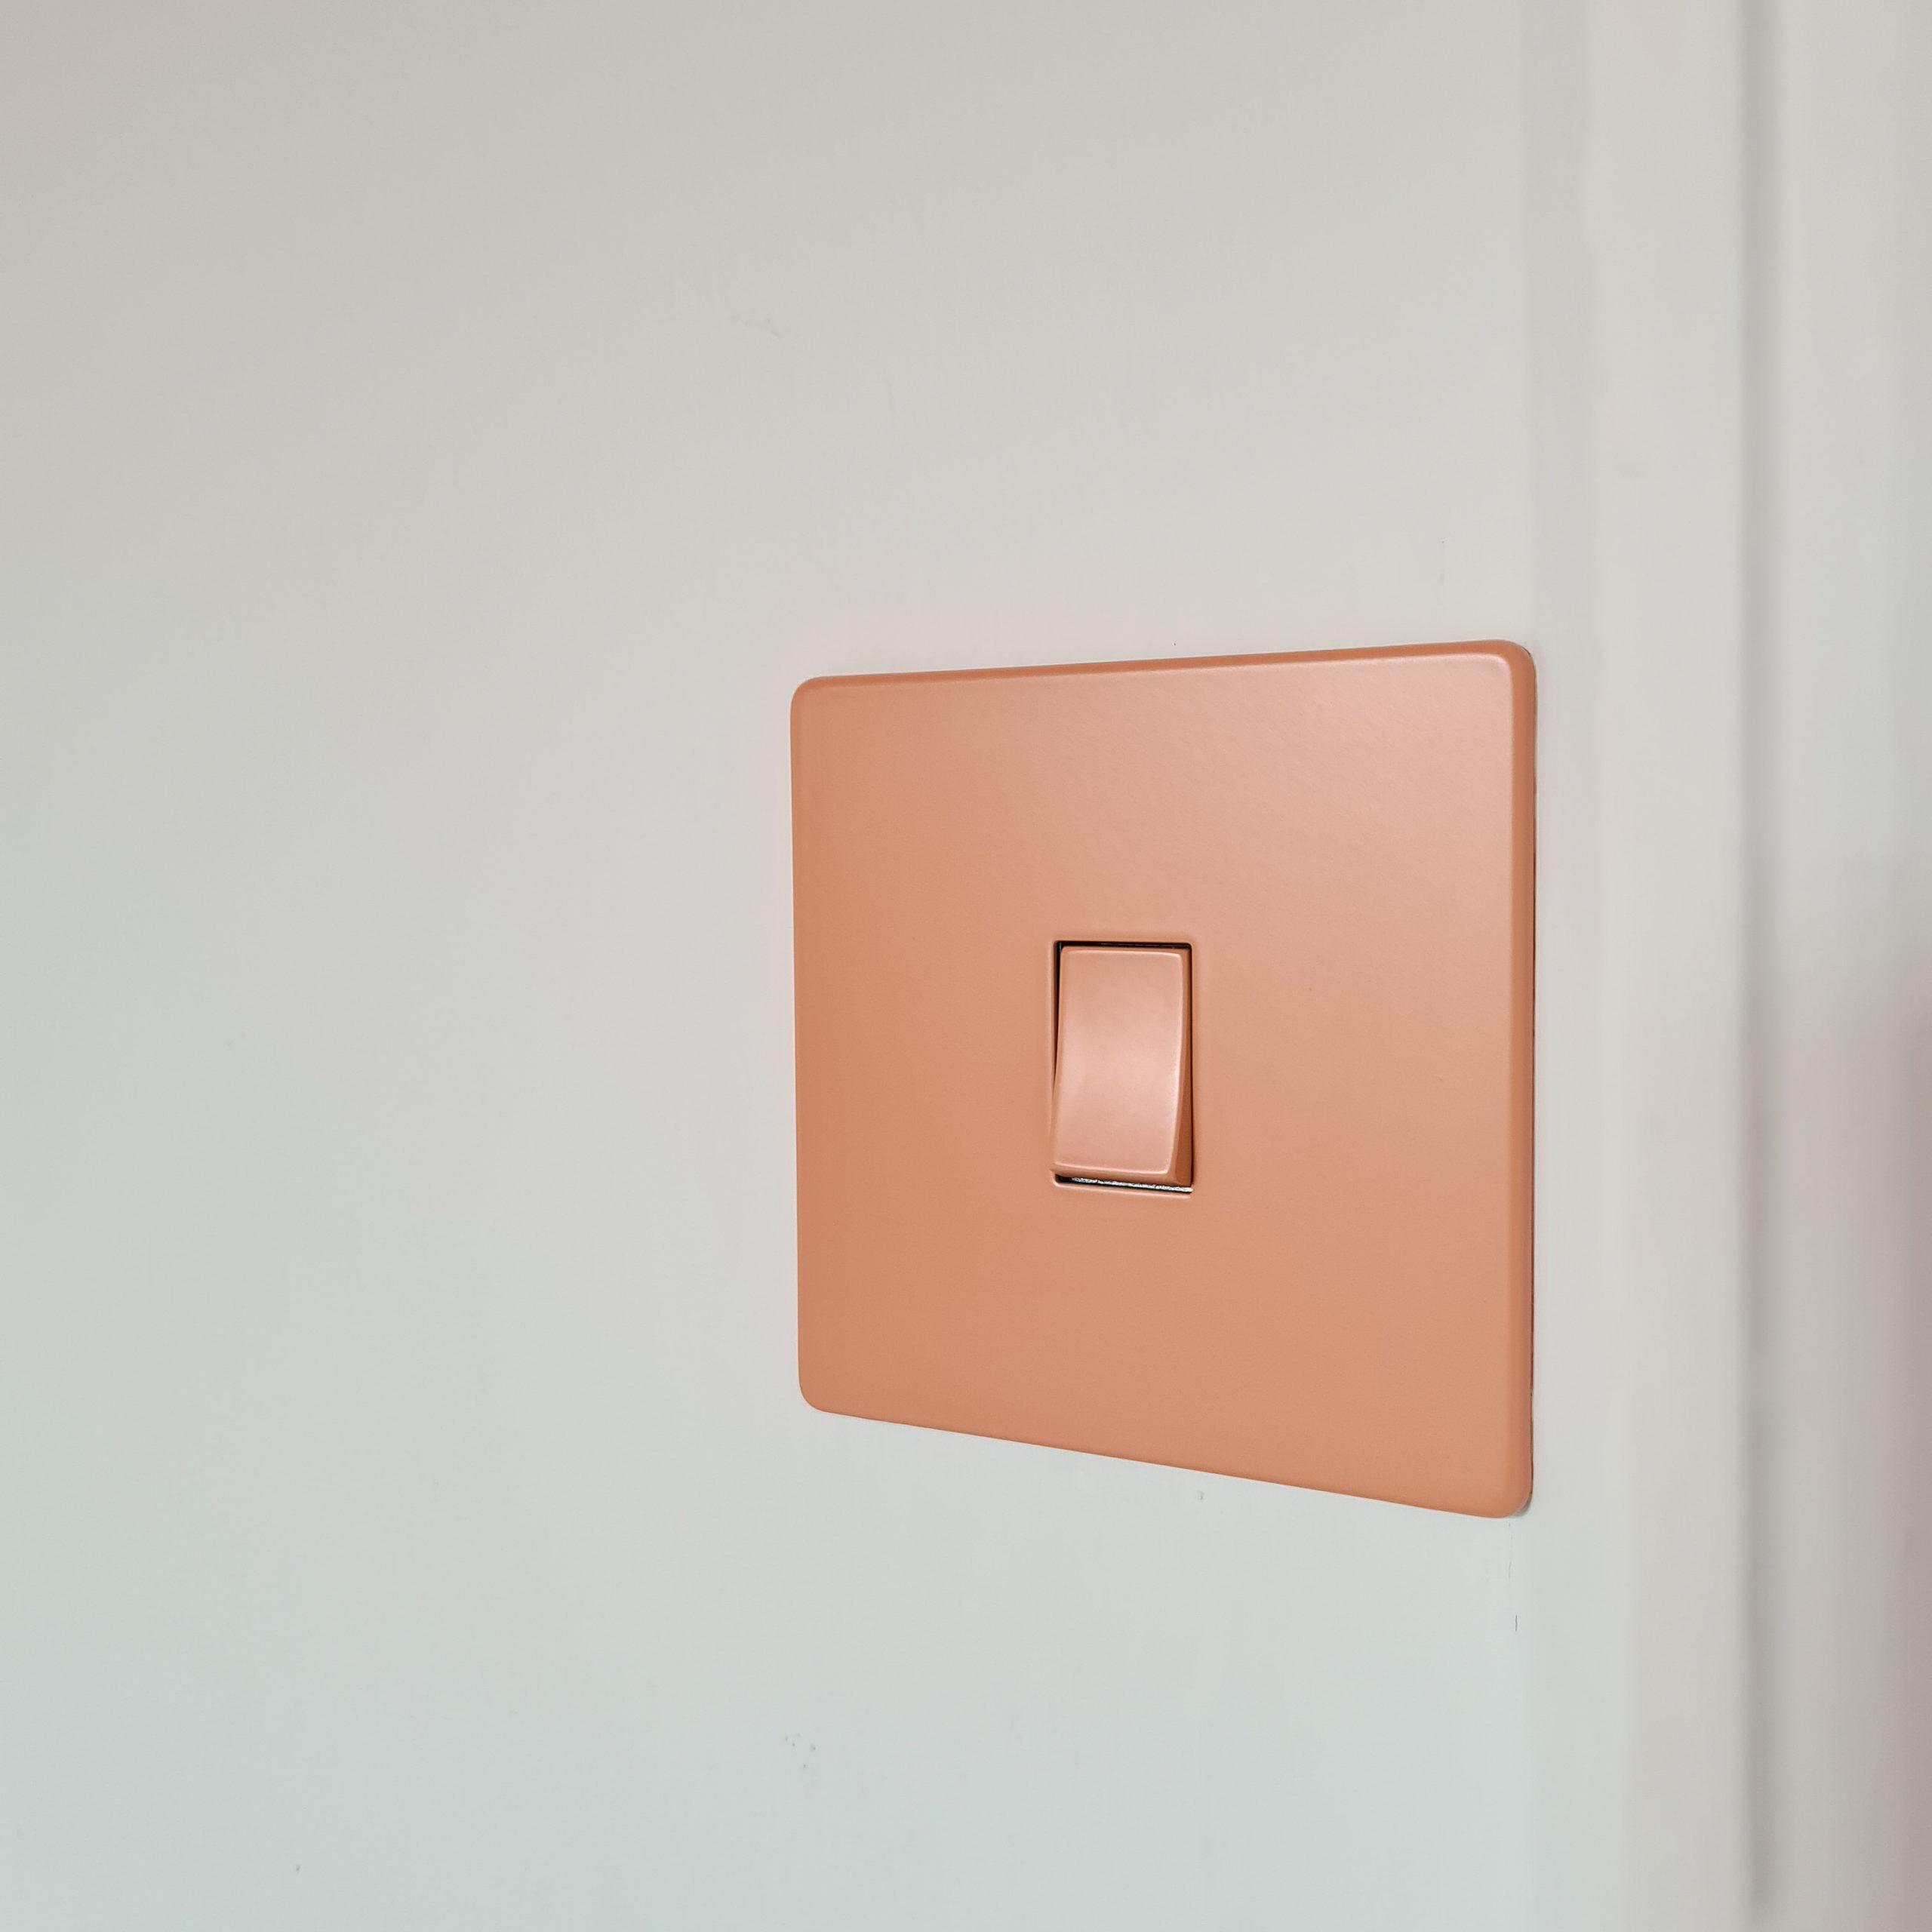 cinnamon single rocker switch on white wall